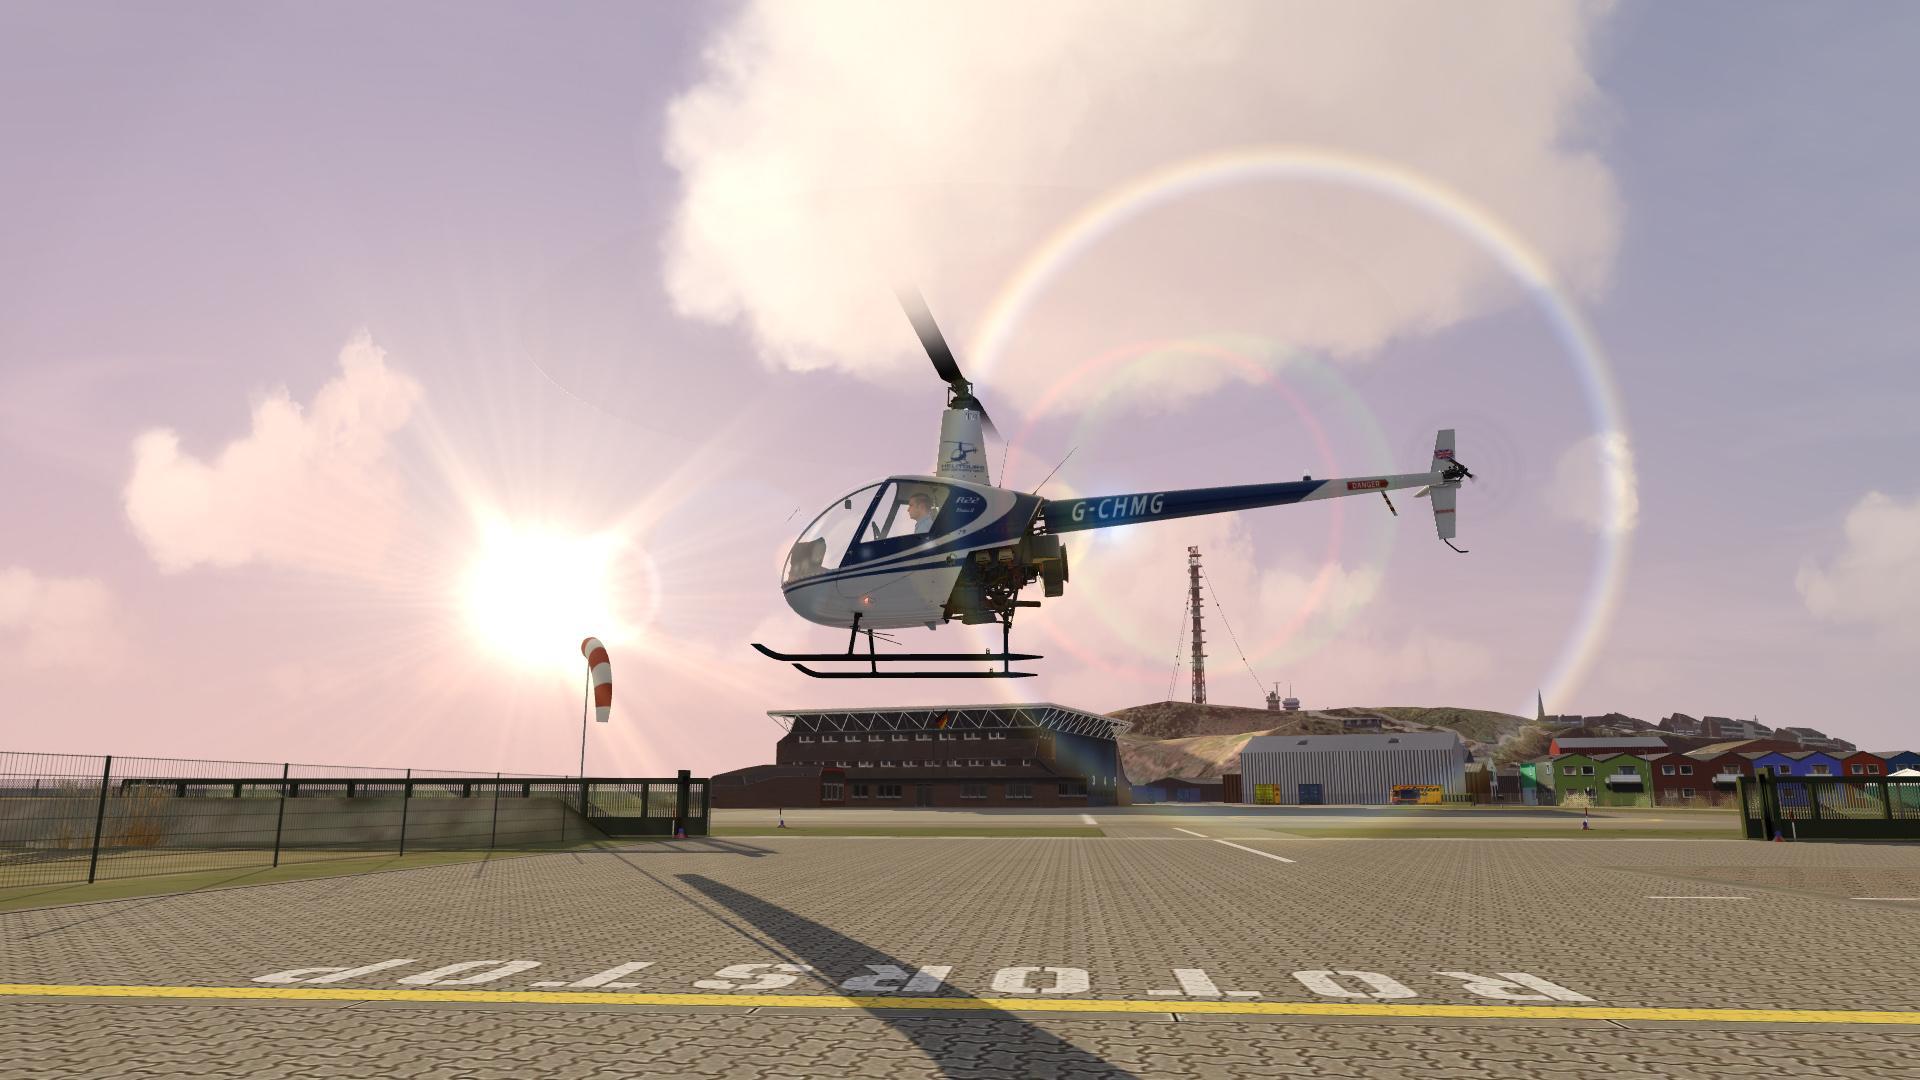 Helgoland_AFS2_Helicopter_006.jpg.3536863278af6b6da3474a8325d68b8b.jpg